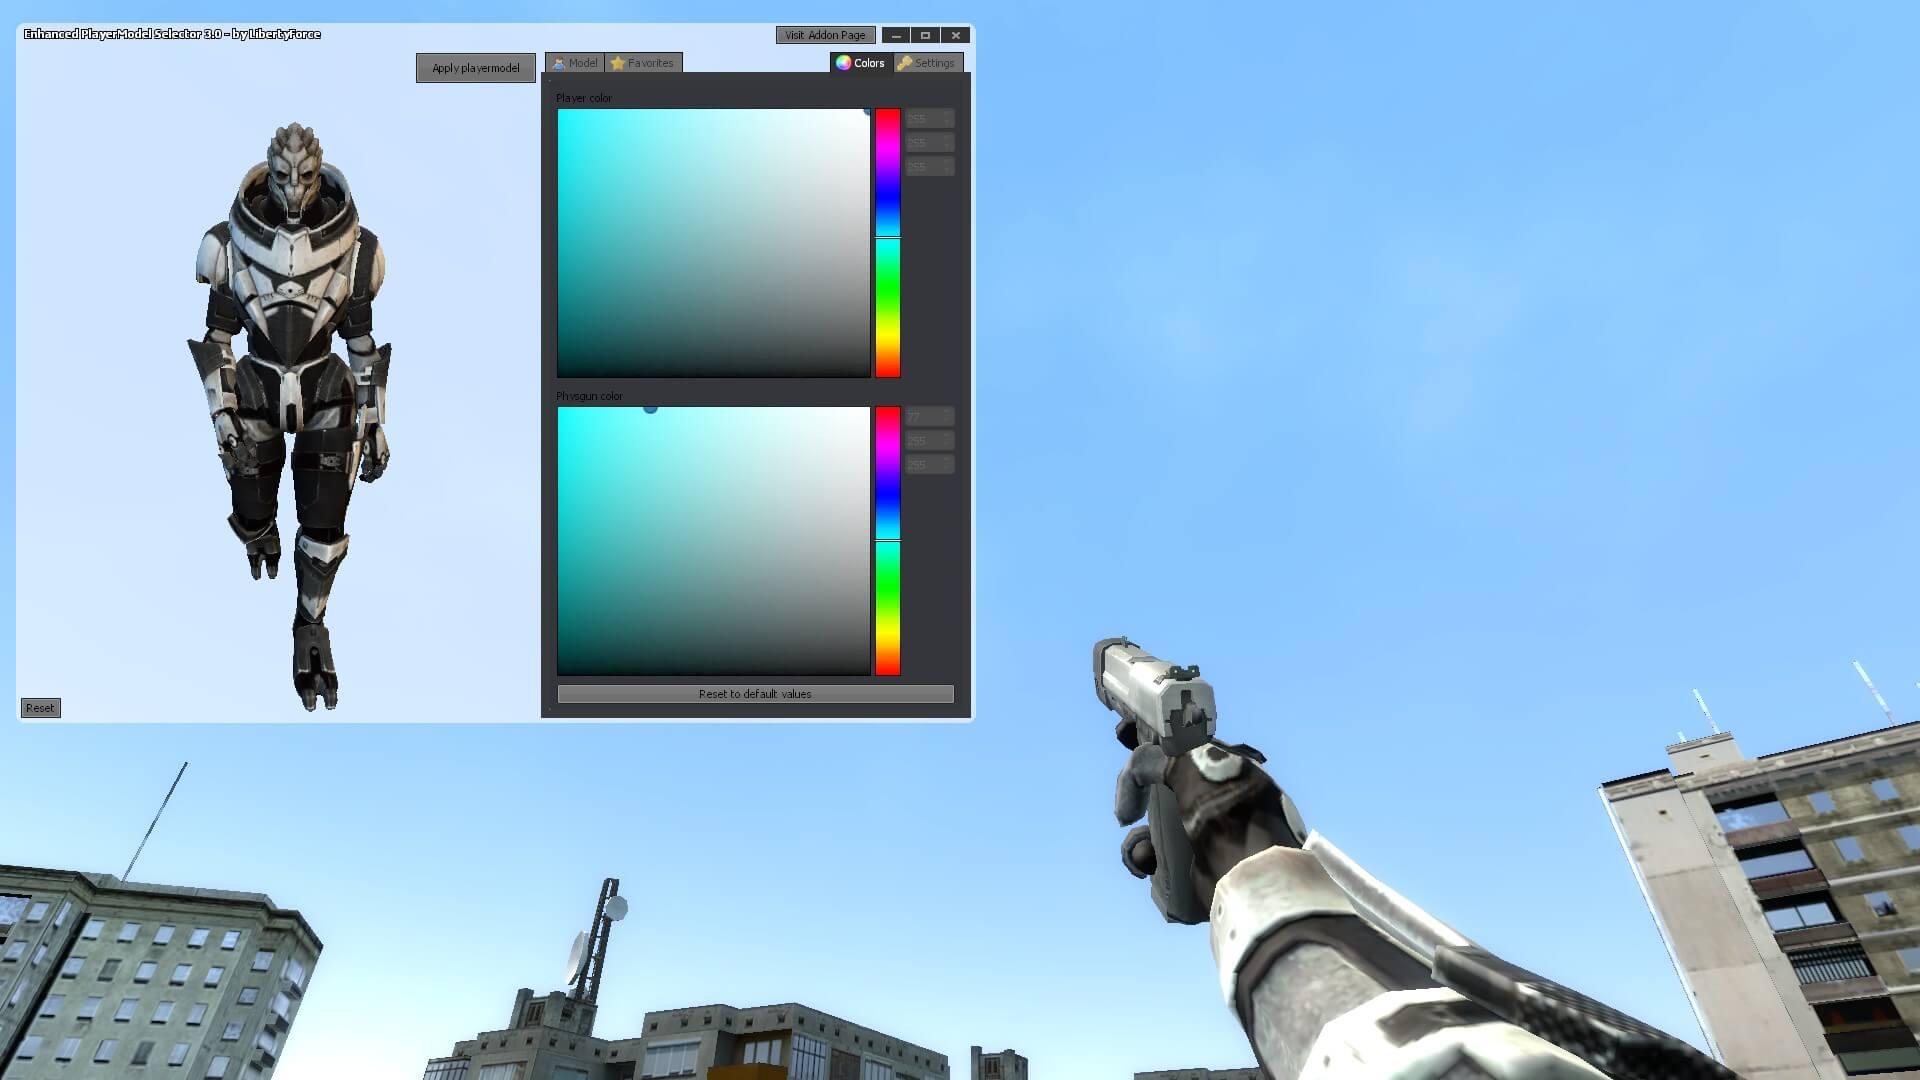 Garry's Mod 13 - Турианец-дозорный из Mass Effect 3 (модель игрока)